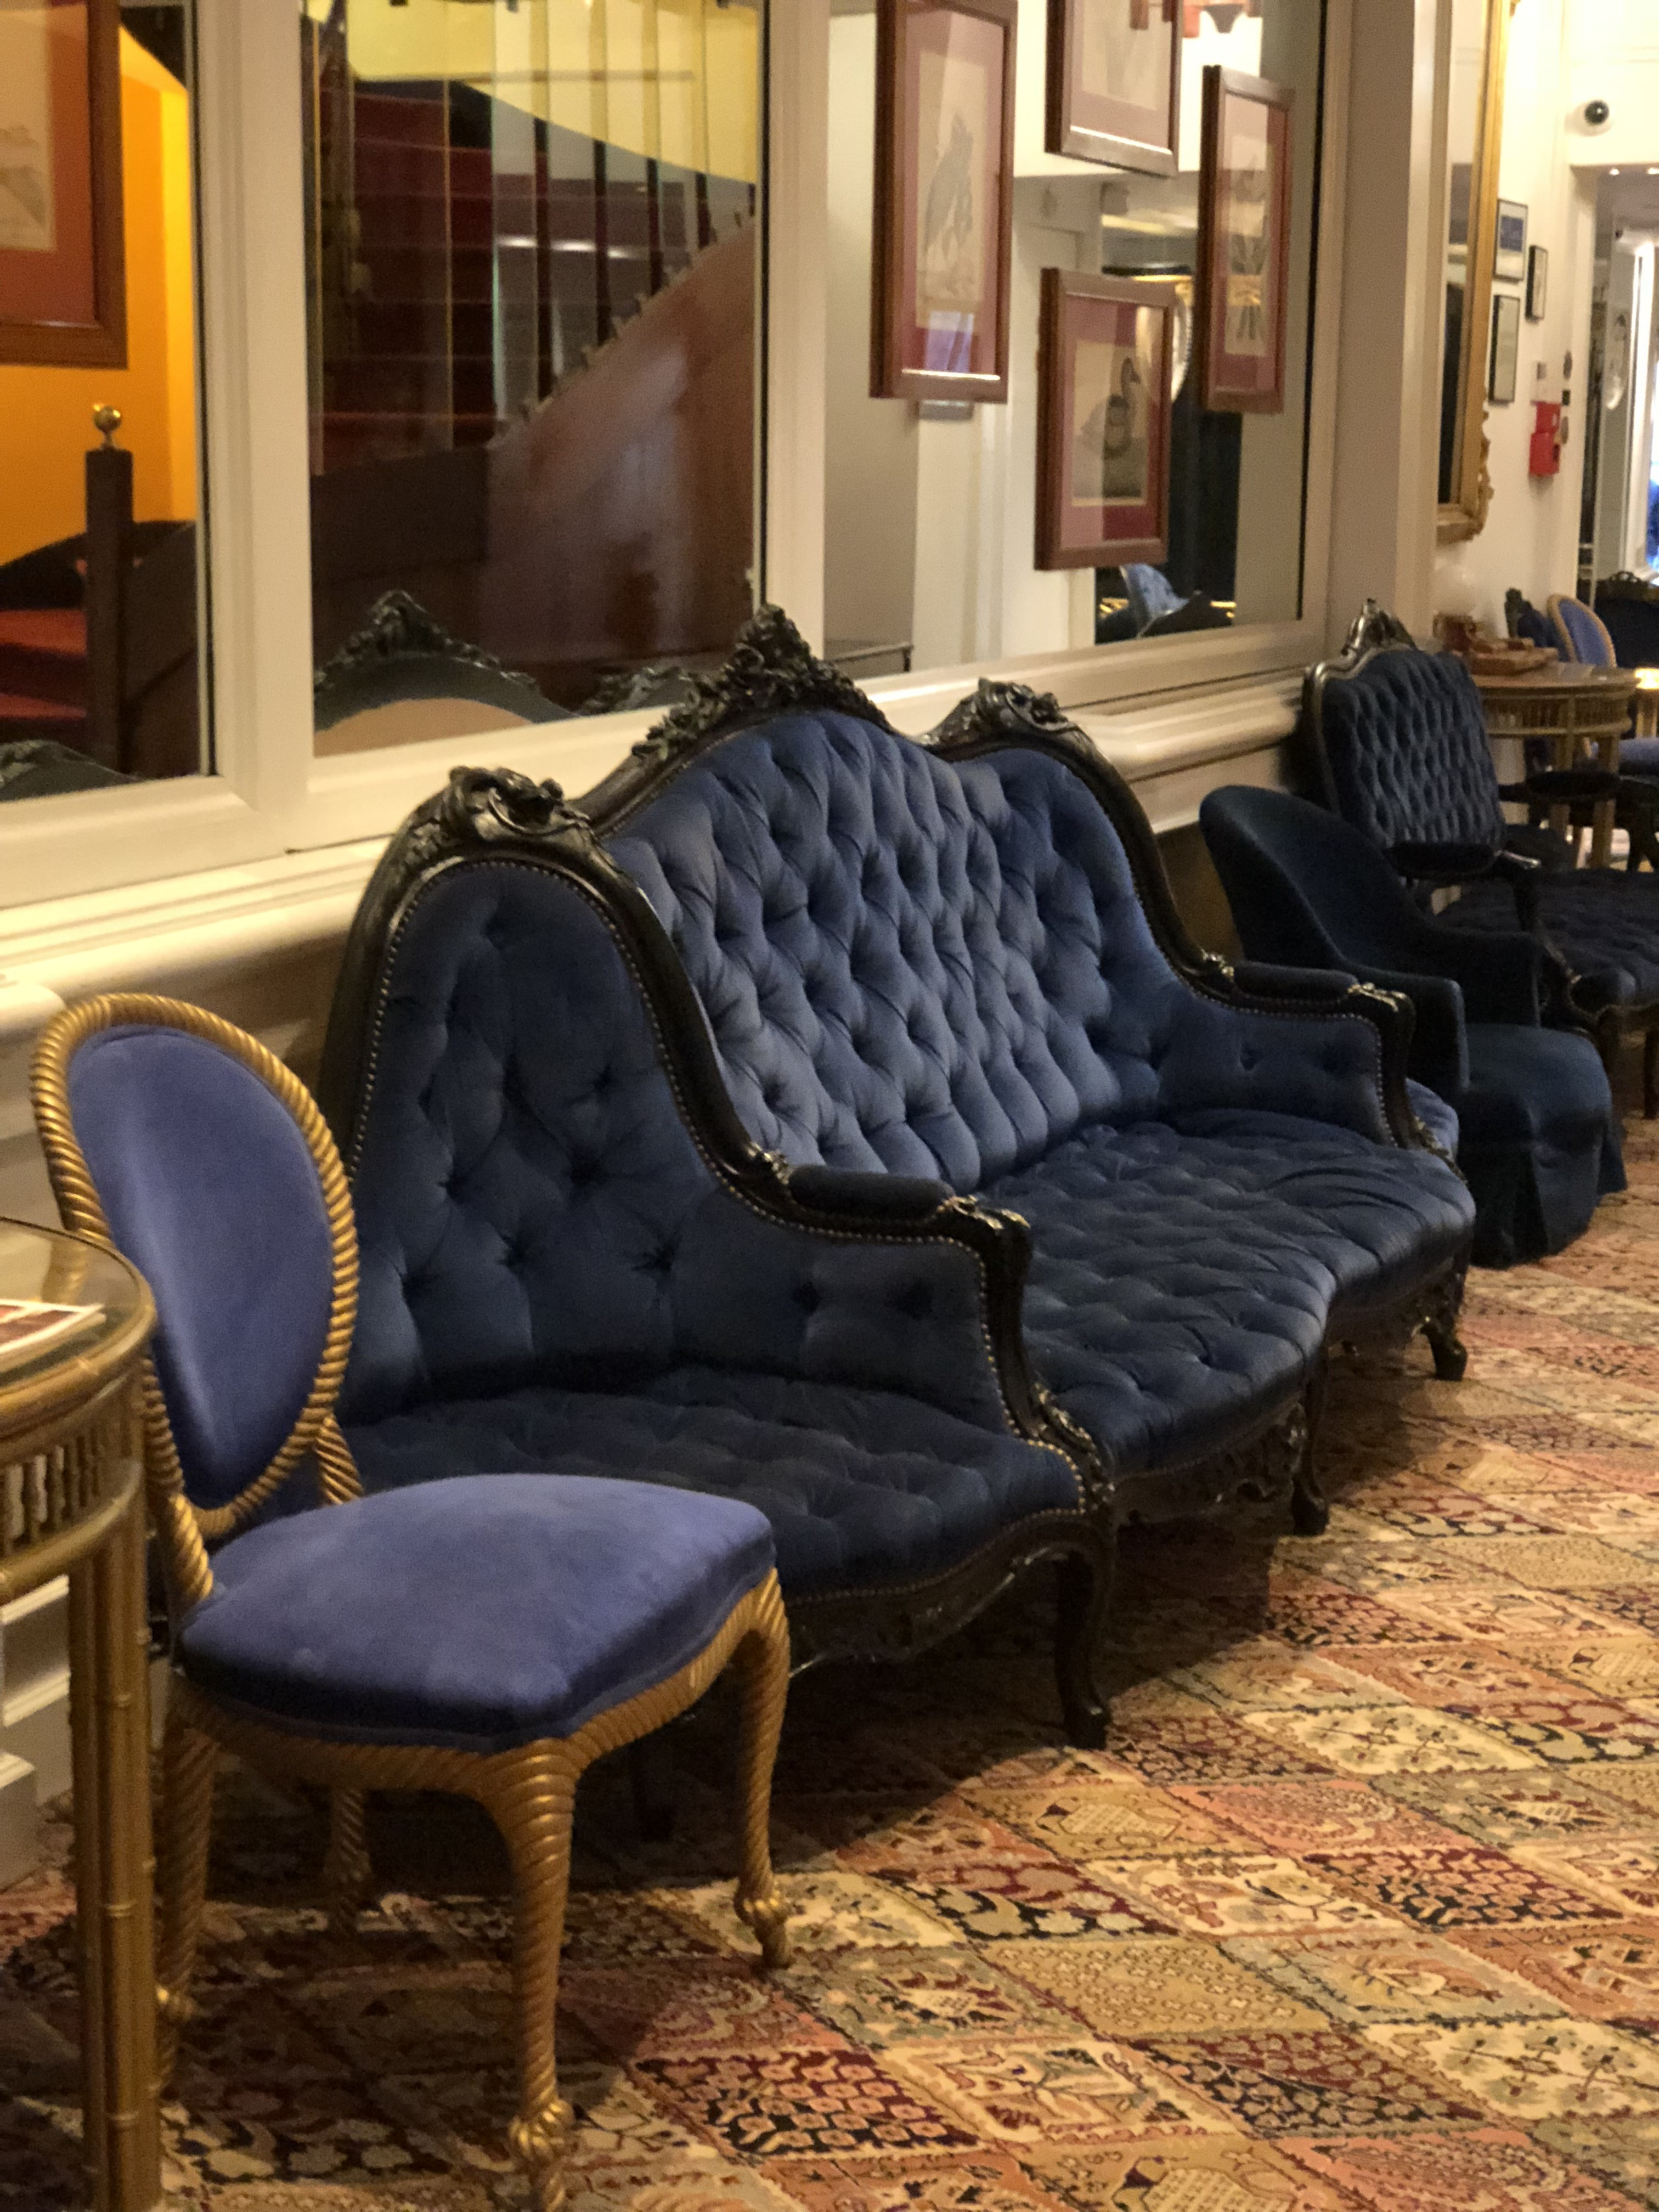 avis hotels londres